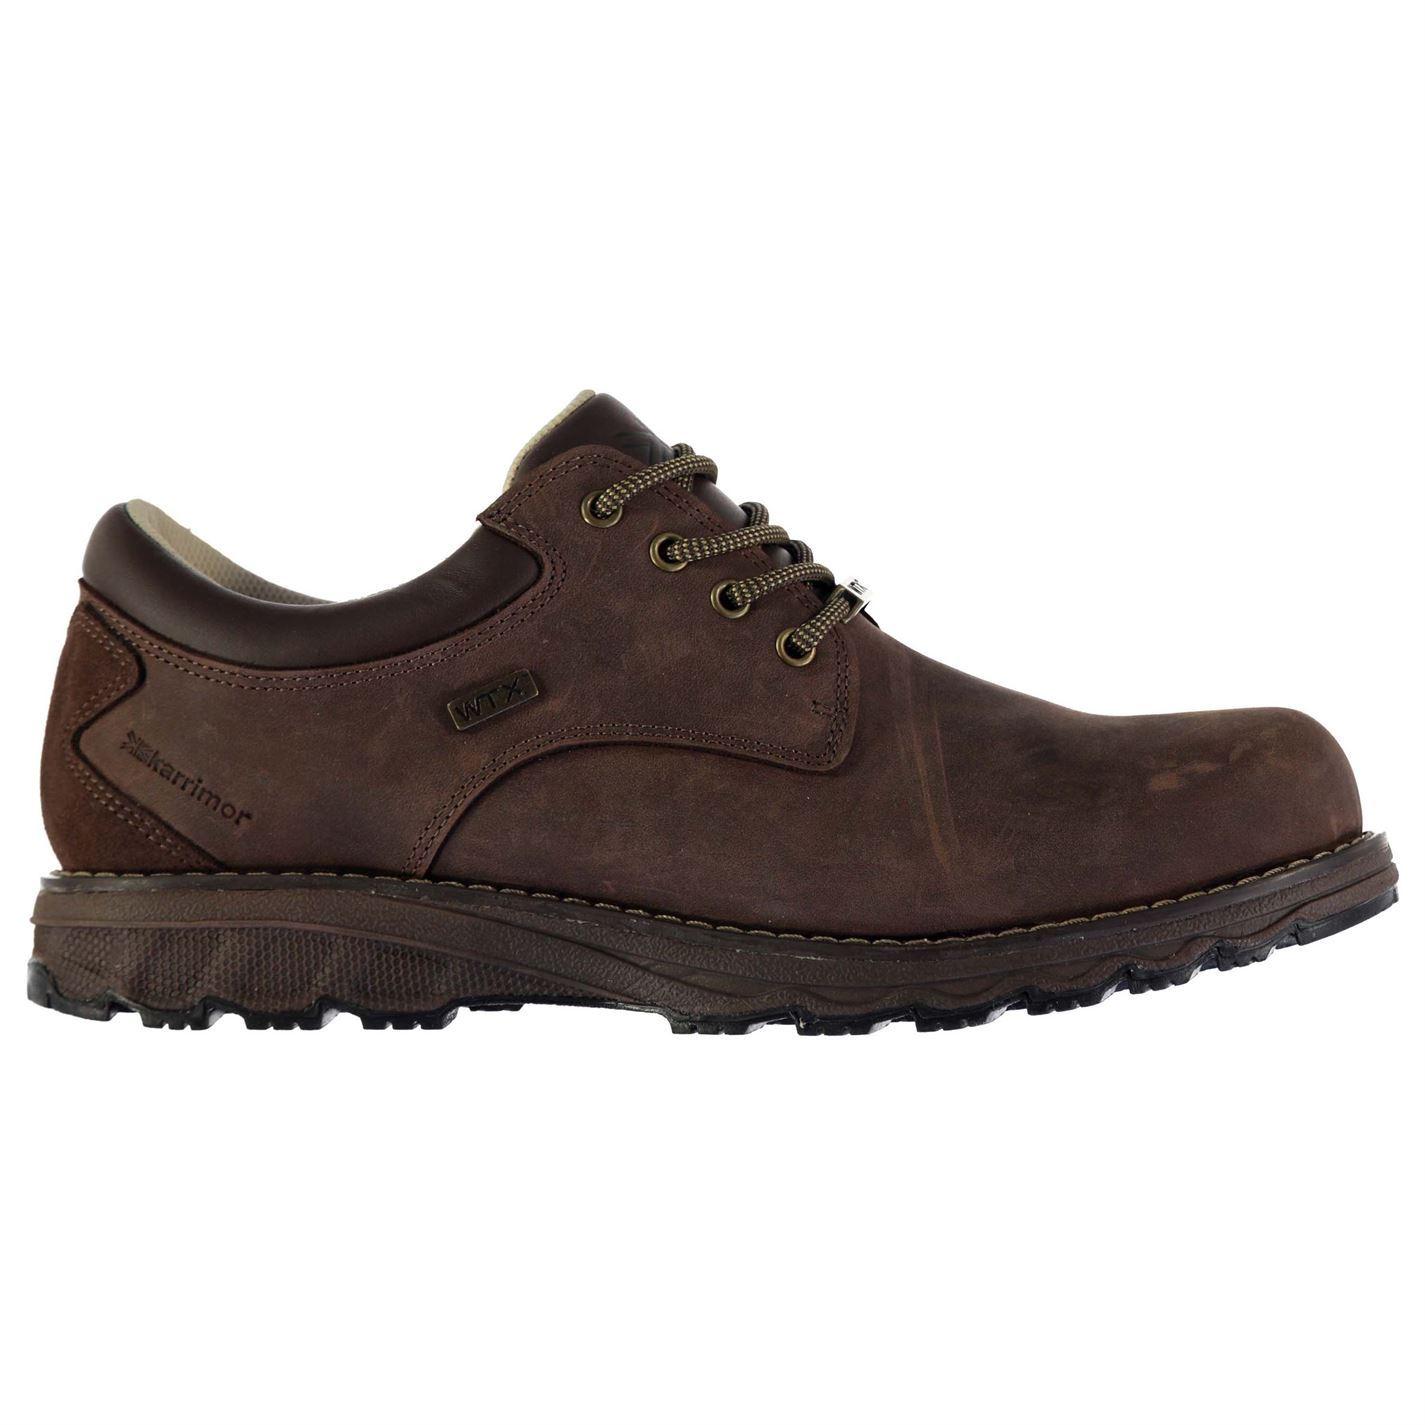 North West Mens Waterproof Walking Shoes